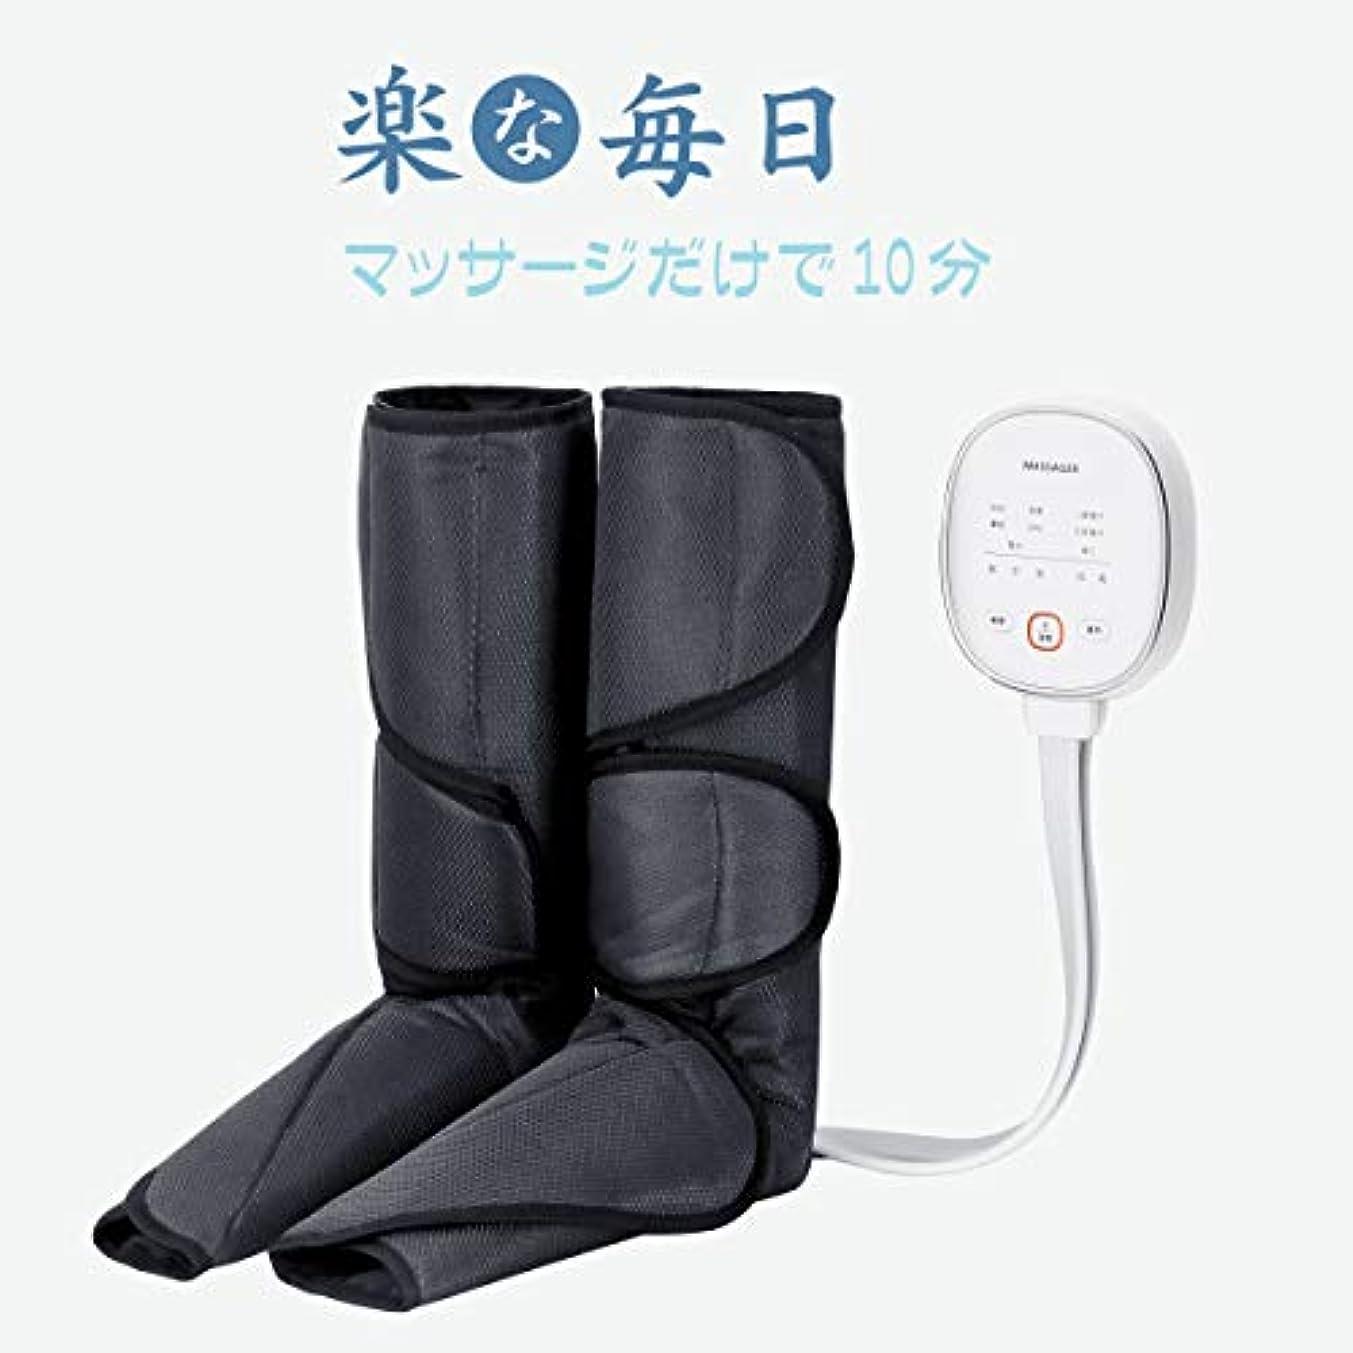 生産的寛容なネコマッサージ フット エアーマッサージャー ふくらはぎ 気圧 6つのマッサージコースを 温感機能搭載 不眠症改善 敬老の日